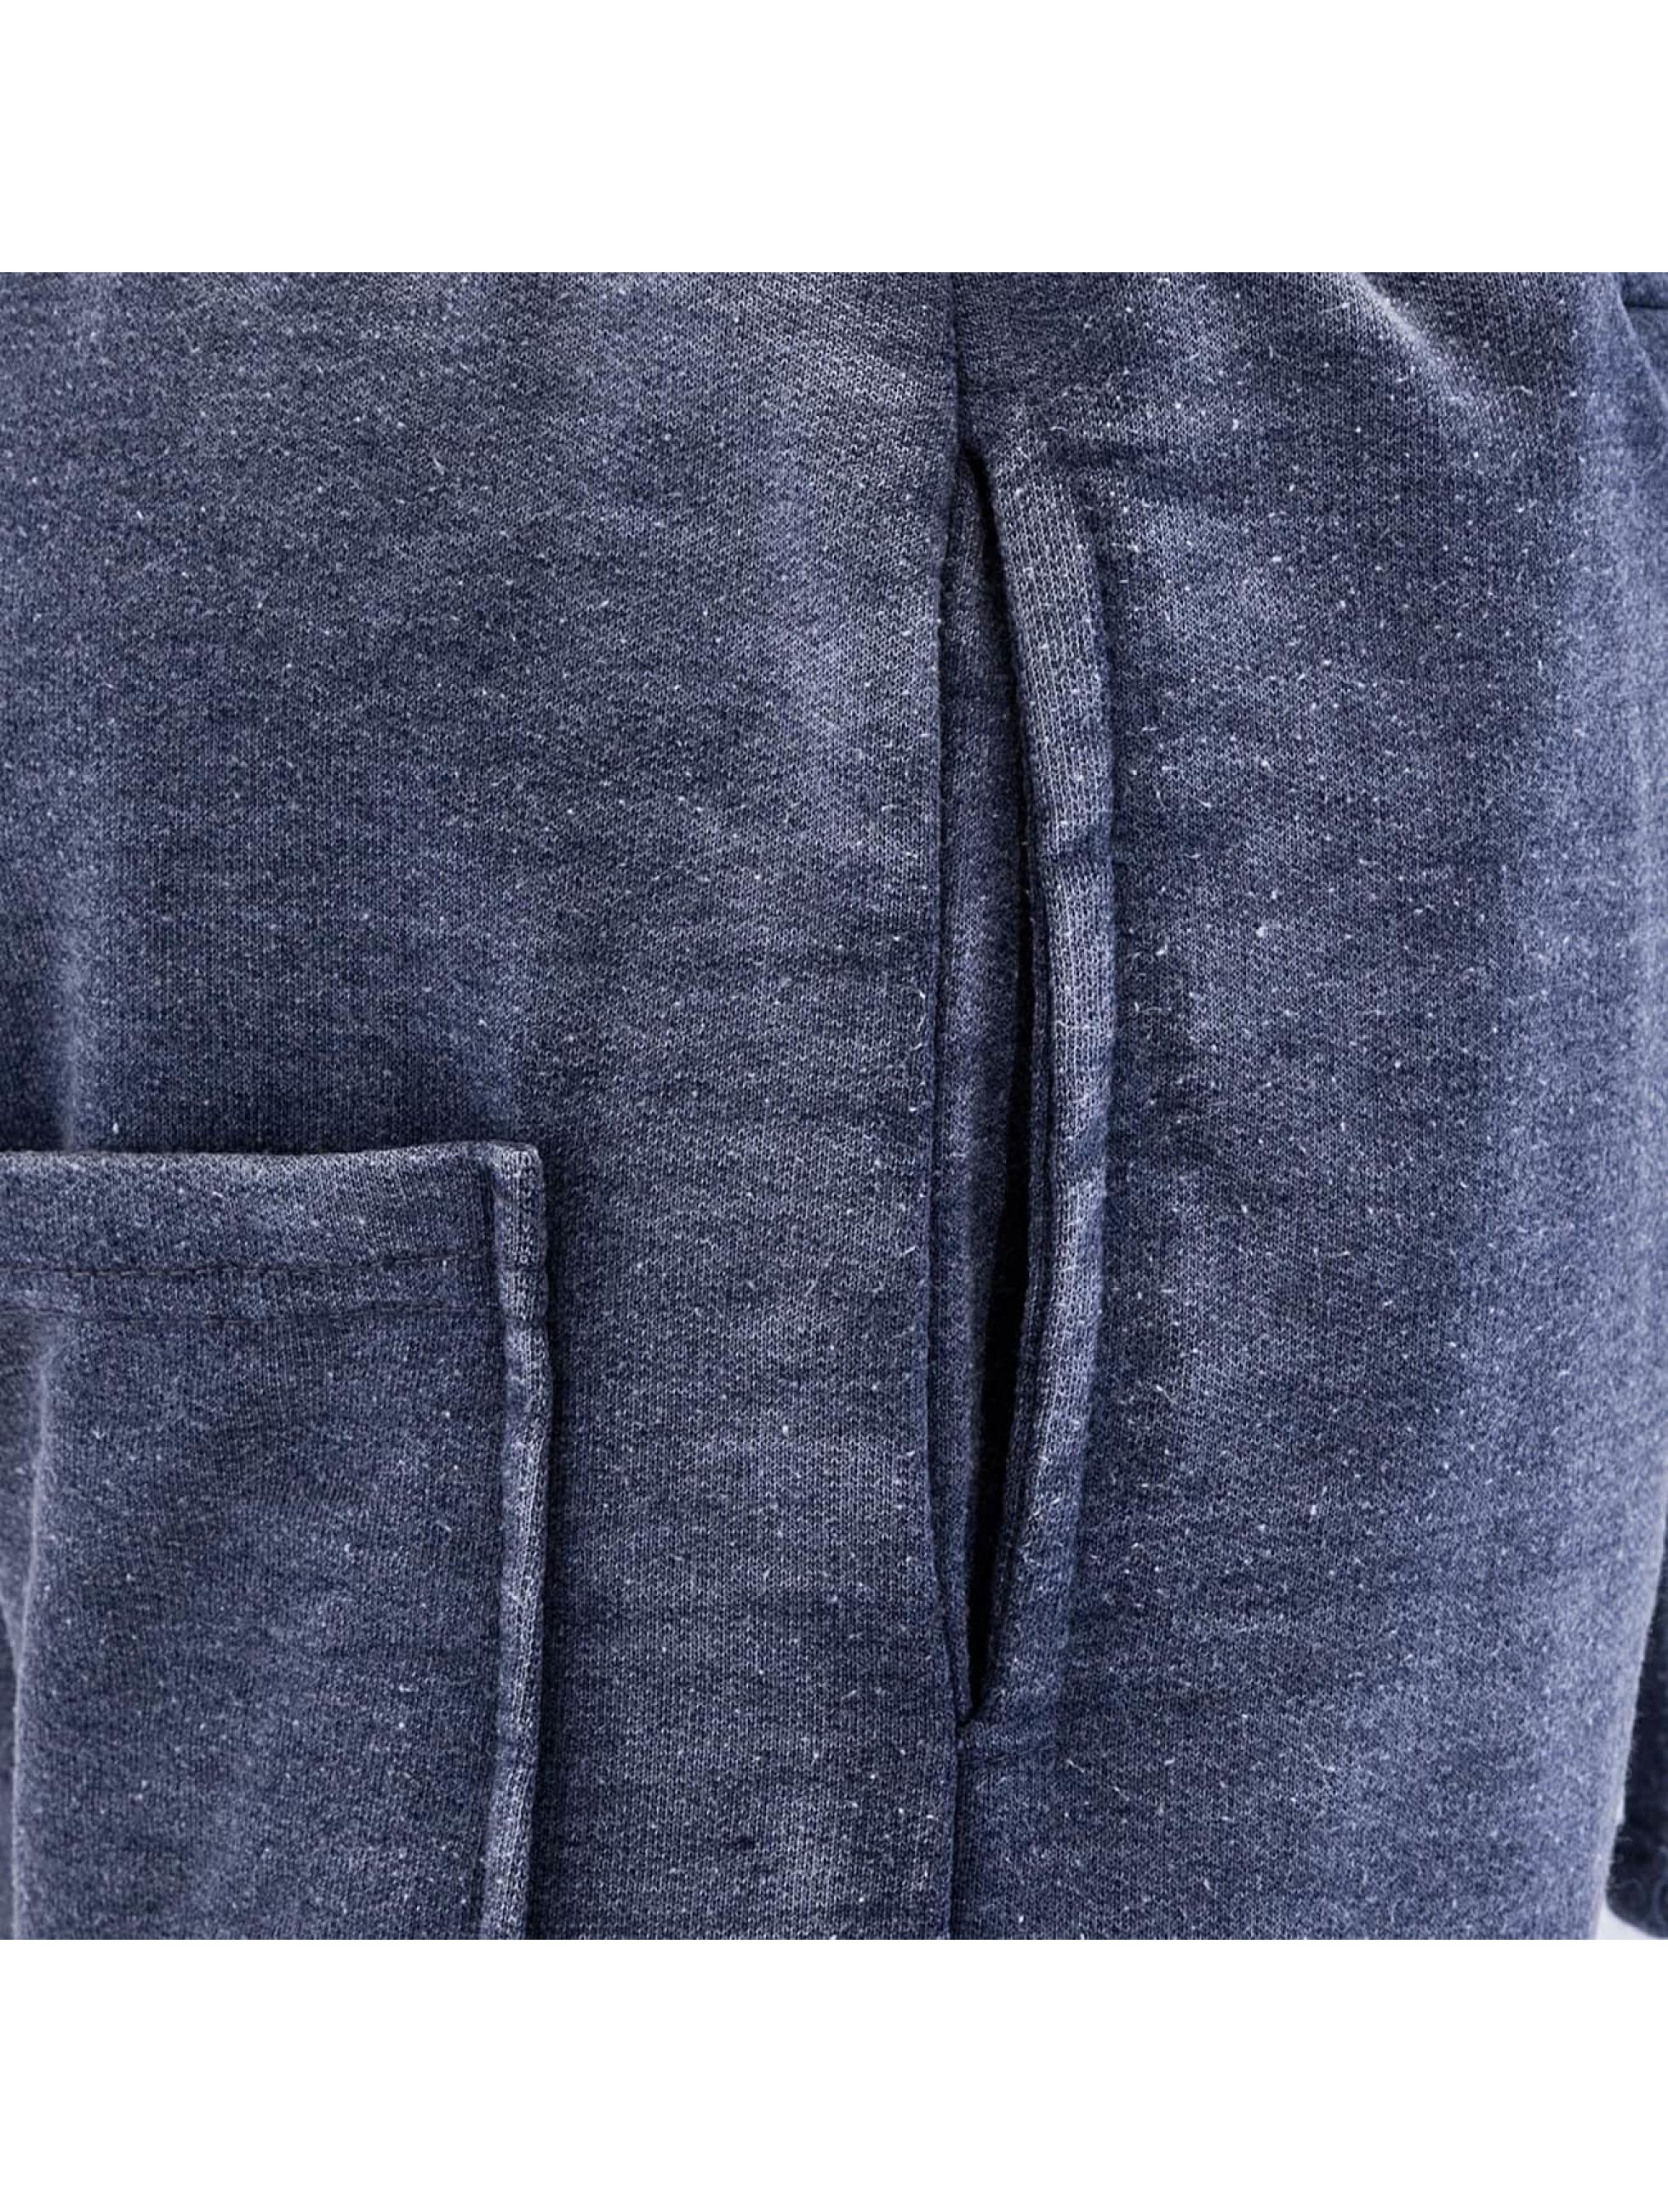 Just Rhyse Jogginghose Soft blau